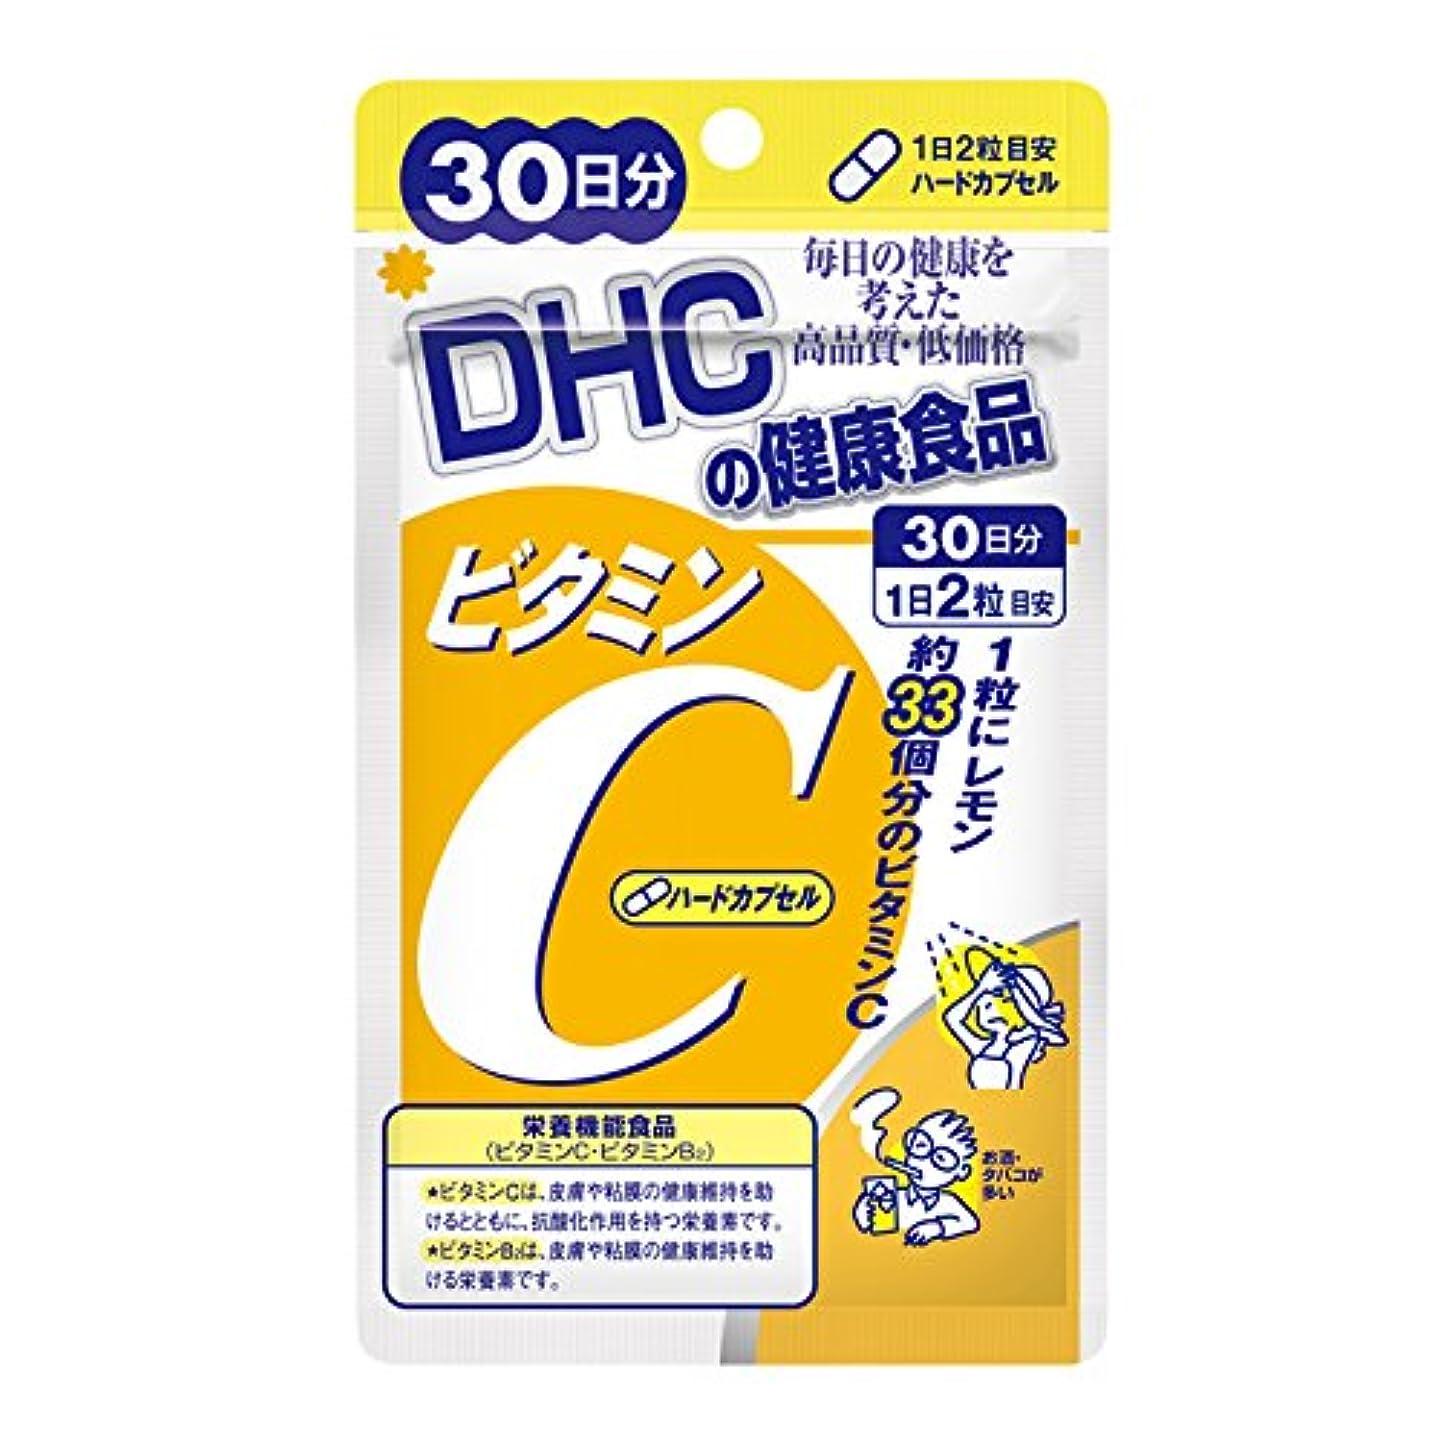 唯一クリップ受取人DHC ビタミンC(ハードカプセル) 30日分